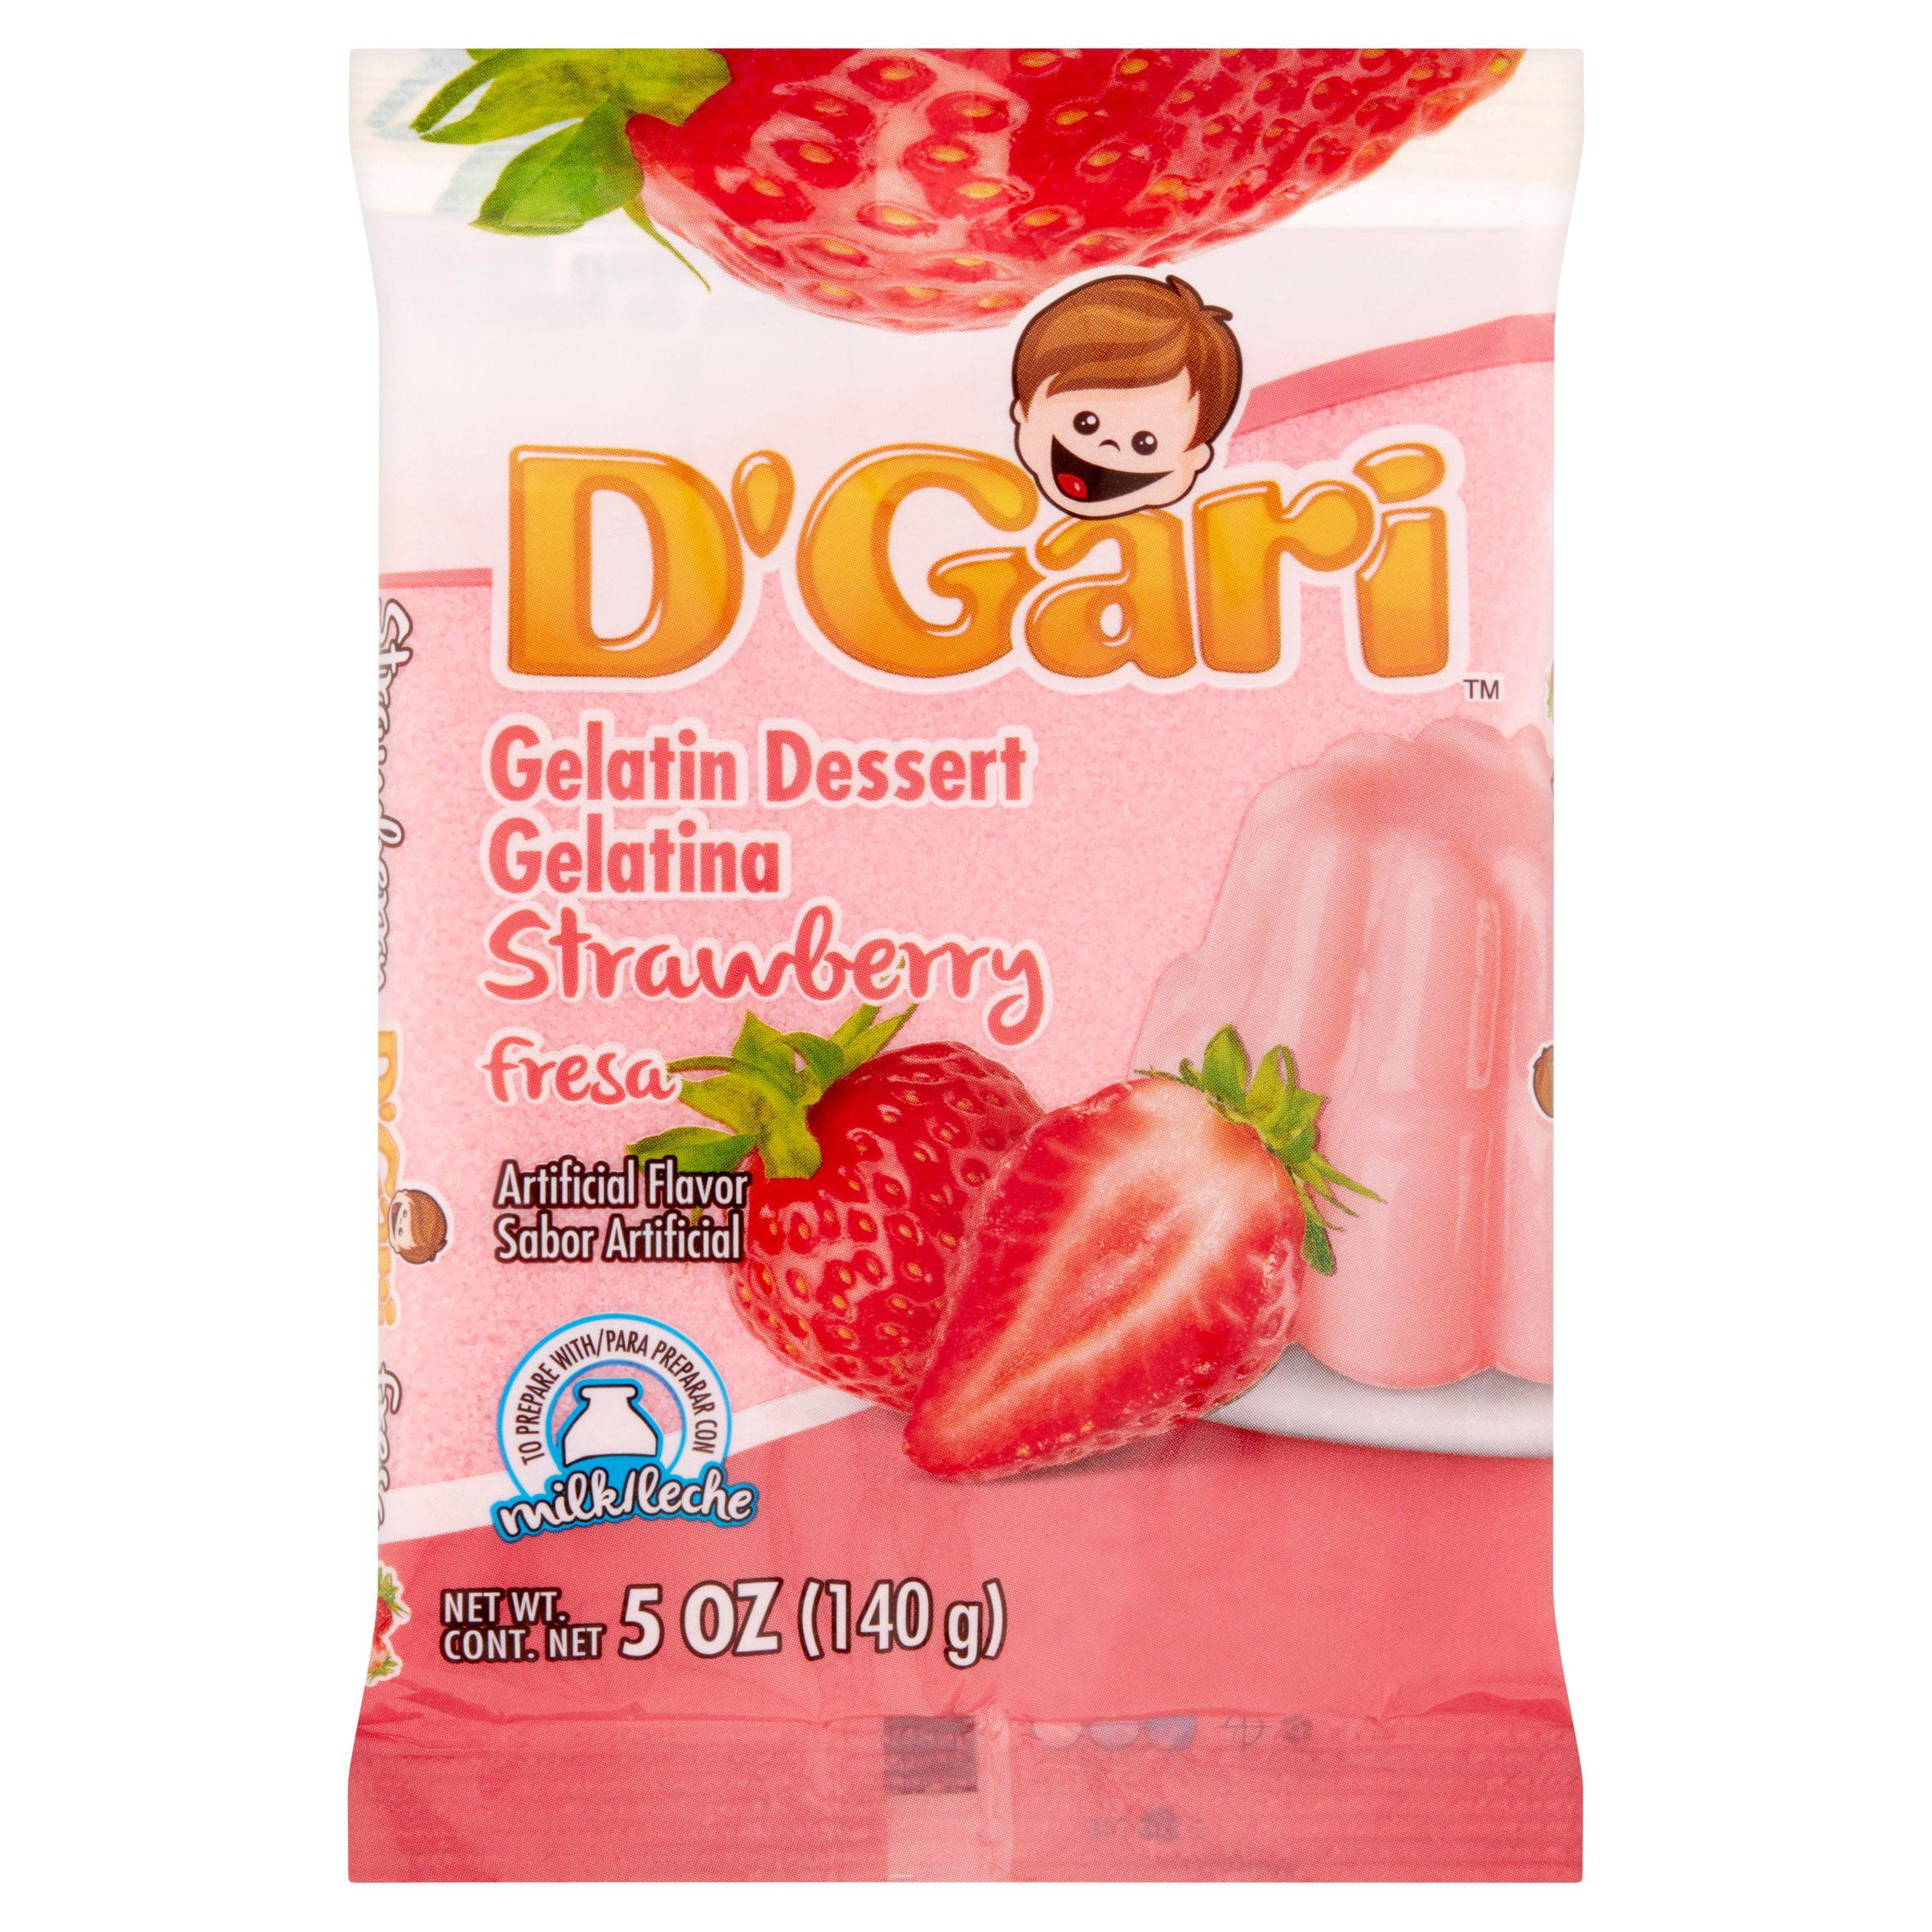 D'Gari Strawberry Gelatin Dessert, 5 oz by Productos Alimenticios Y Dieteticos Relámpago, S.A. de C.V.